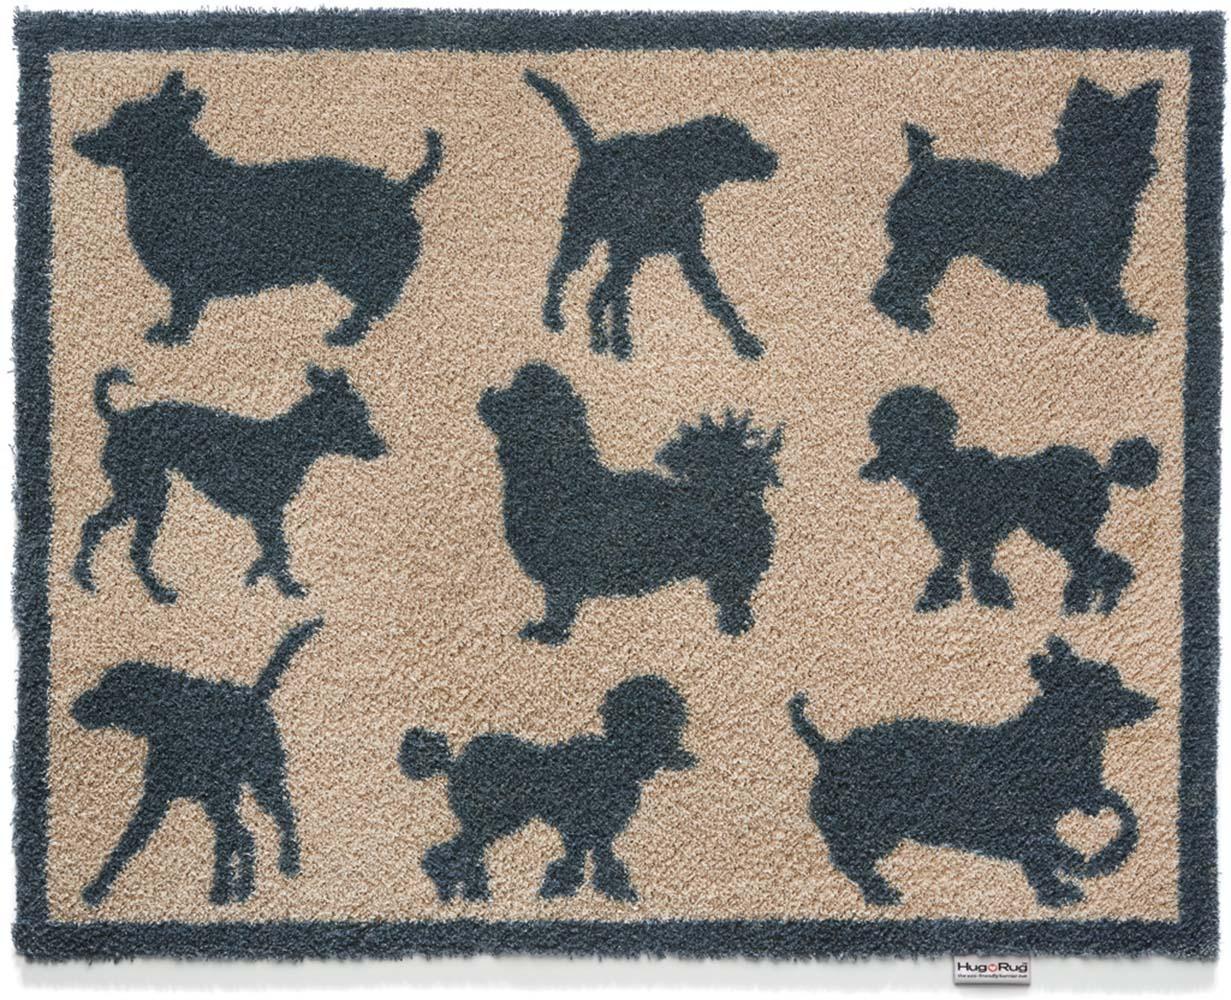 tapis paillasson pour la maison motif chien 65x85 cm. Black Bedroom Furniture Sets. Home Design Ideas